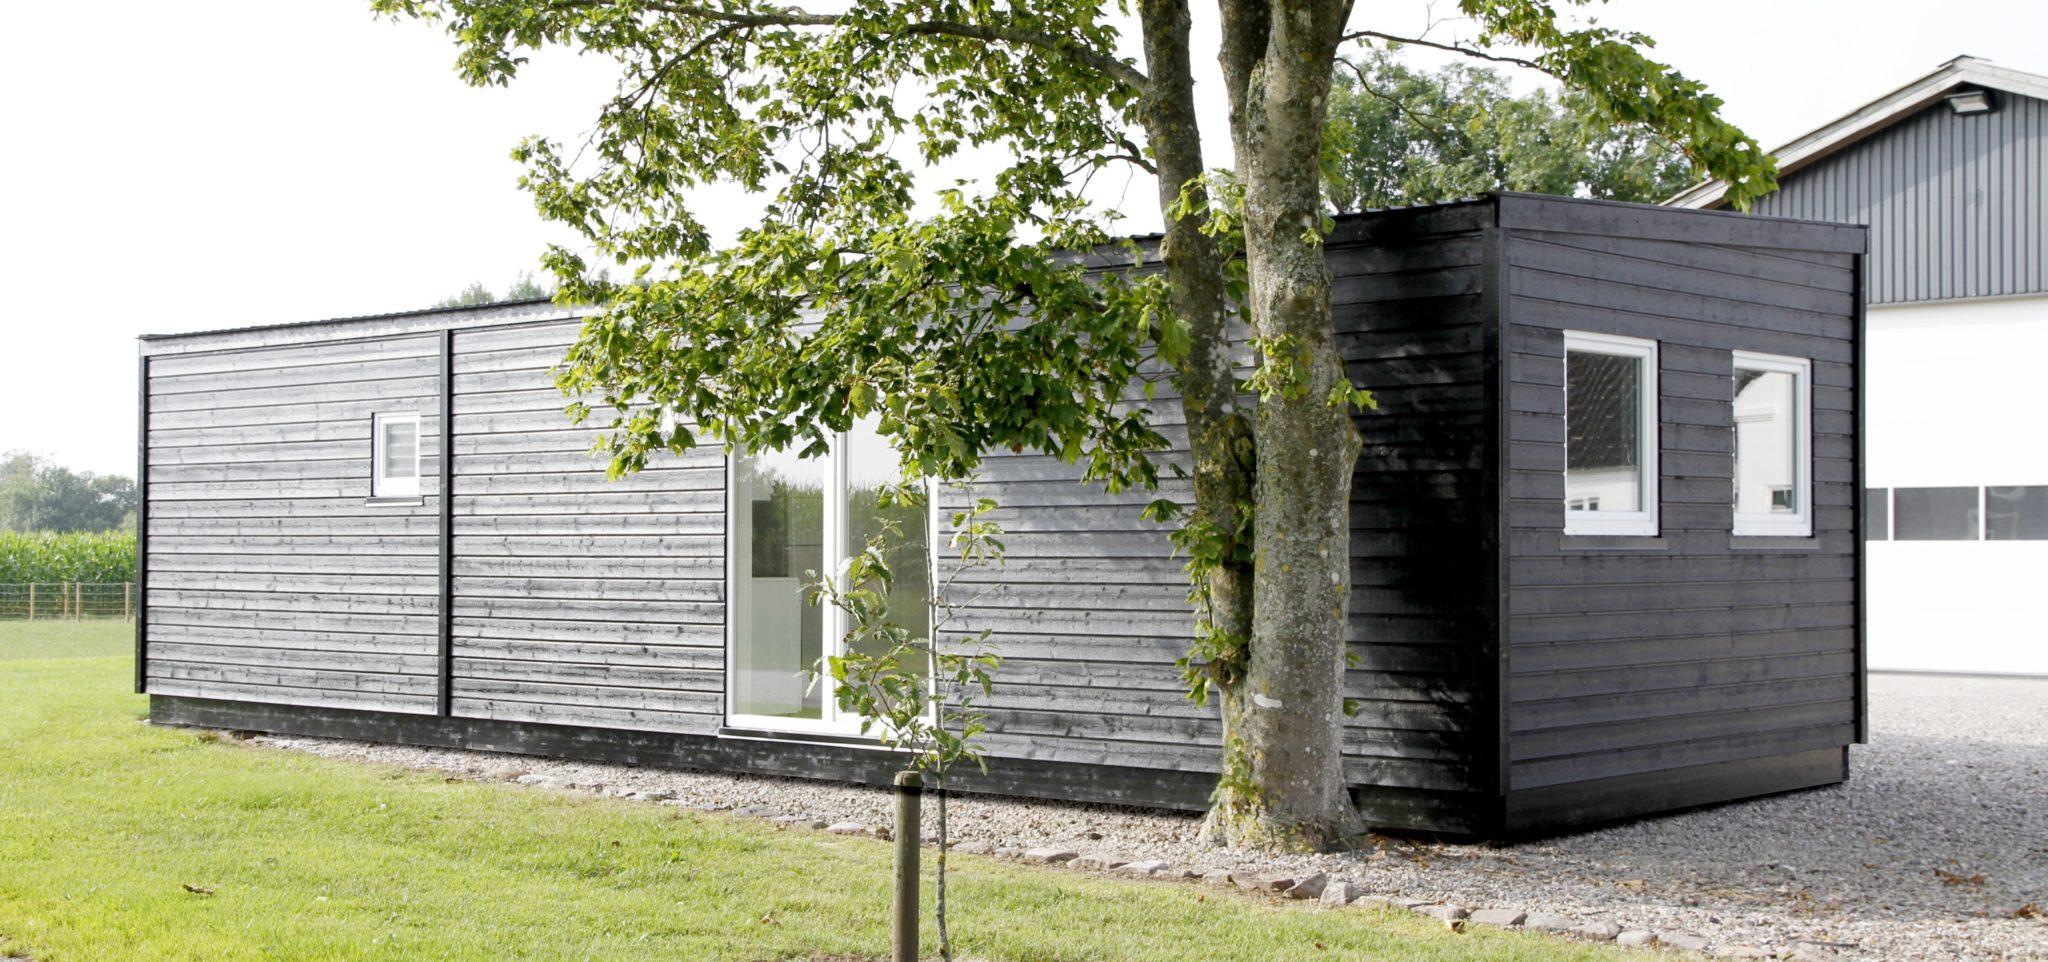 beboelsespavillon fabriksf rdige pavilloner i tr se her. Black Bedroom Furniture Sets. Home Design Ideas